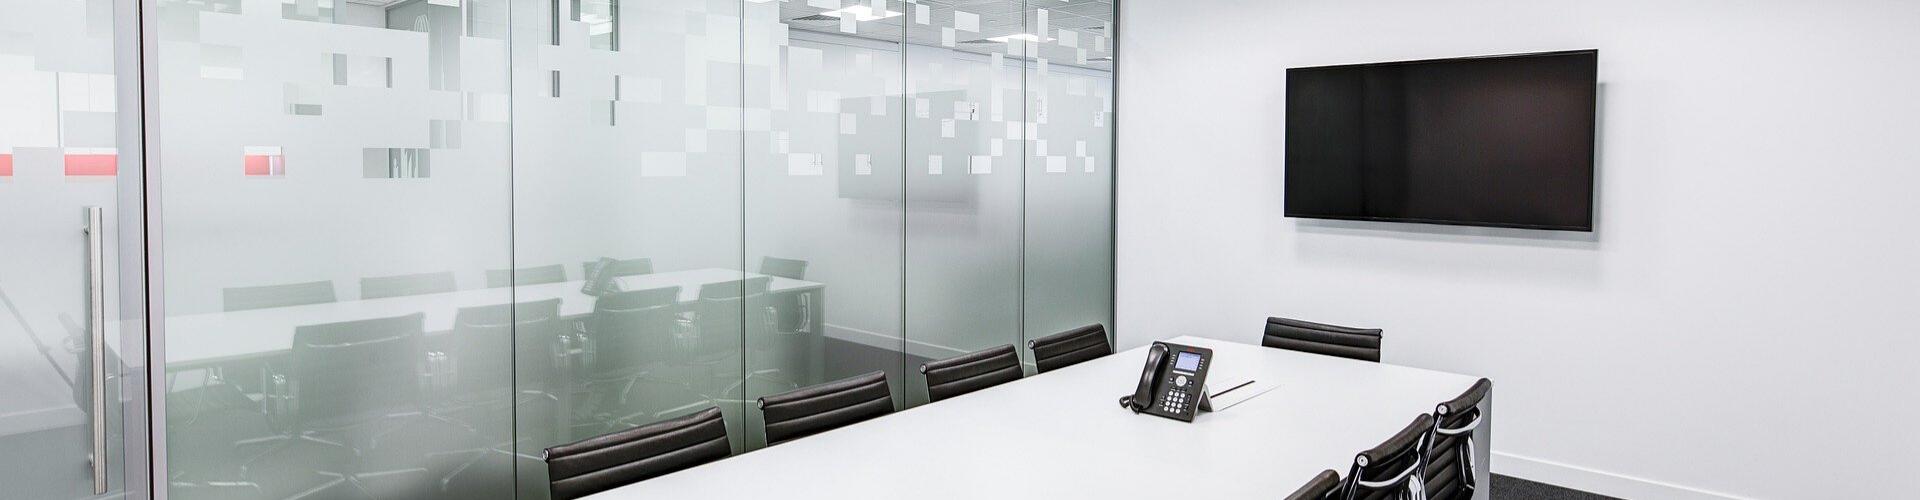 オフィスのイメージ写真